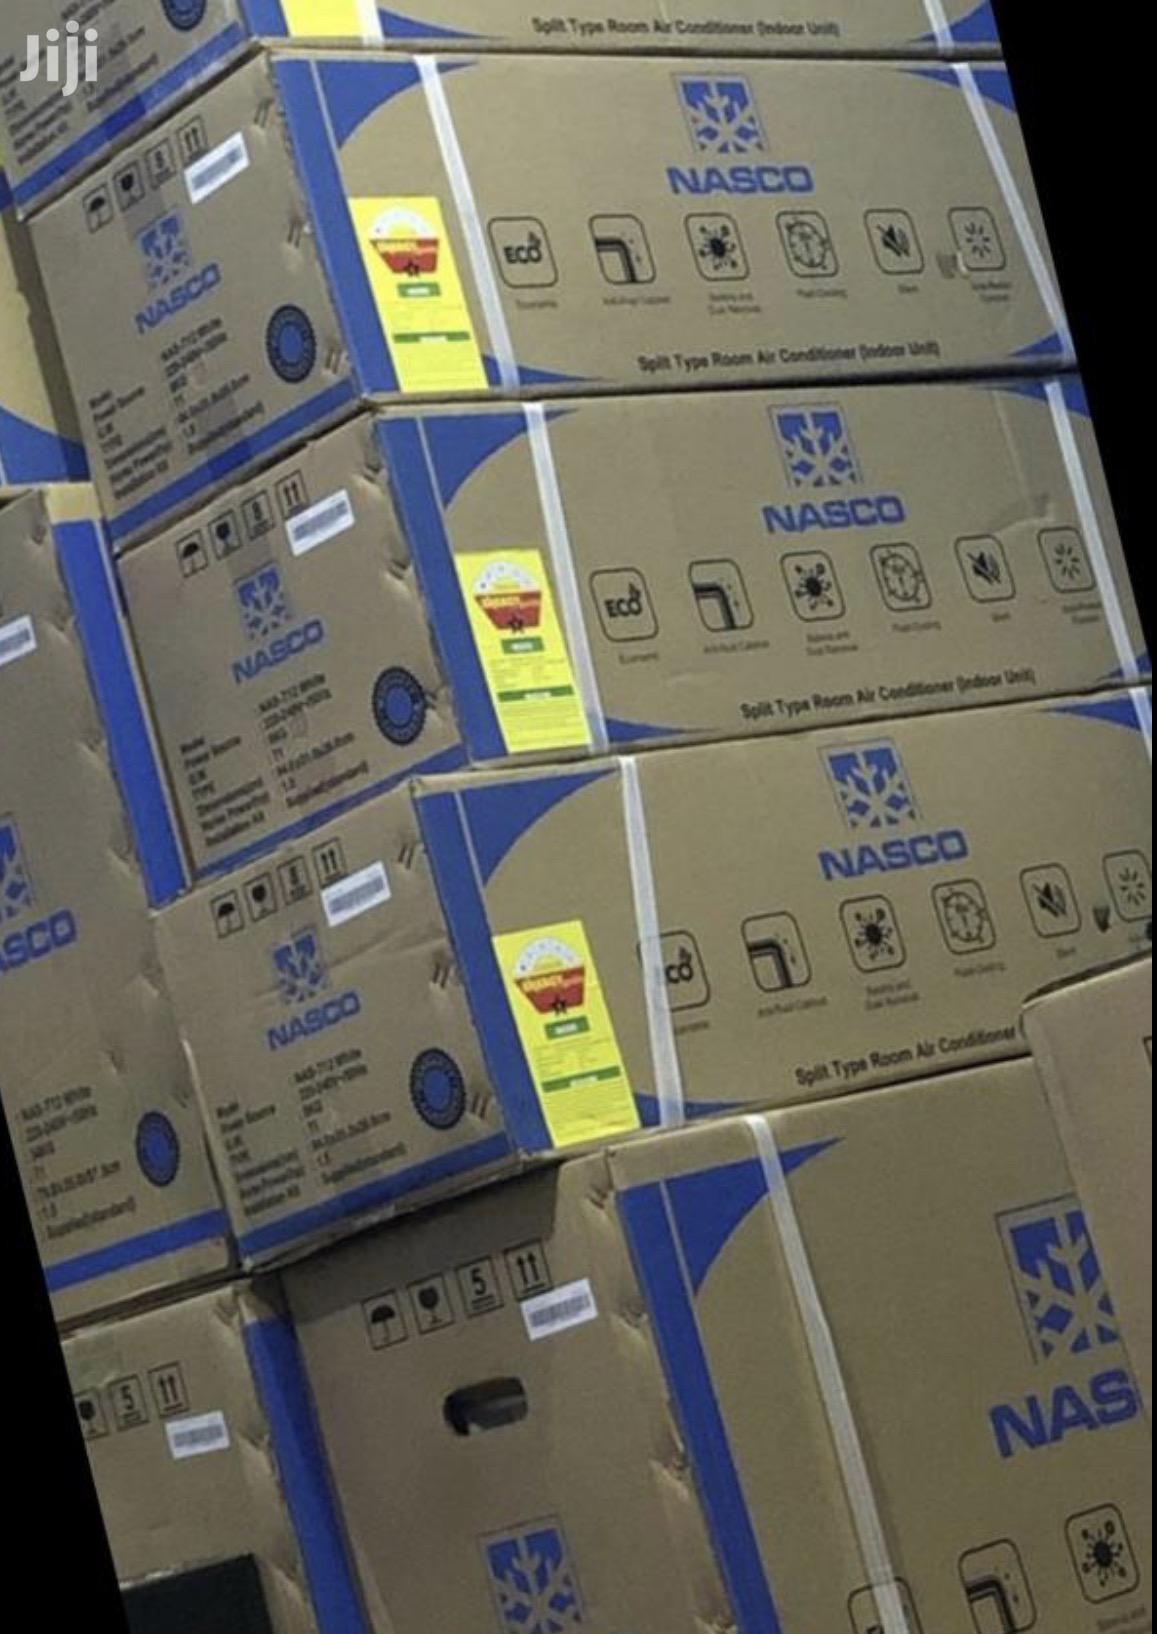 Quality Nasco 1.5 HP Split Air Conditioner Anti Rust